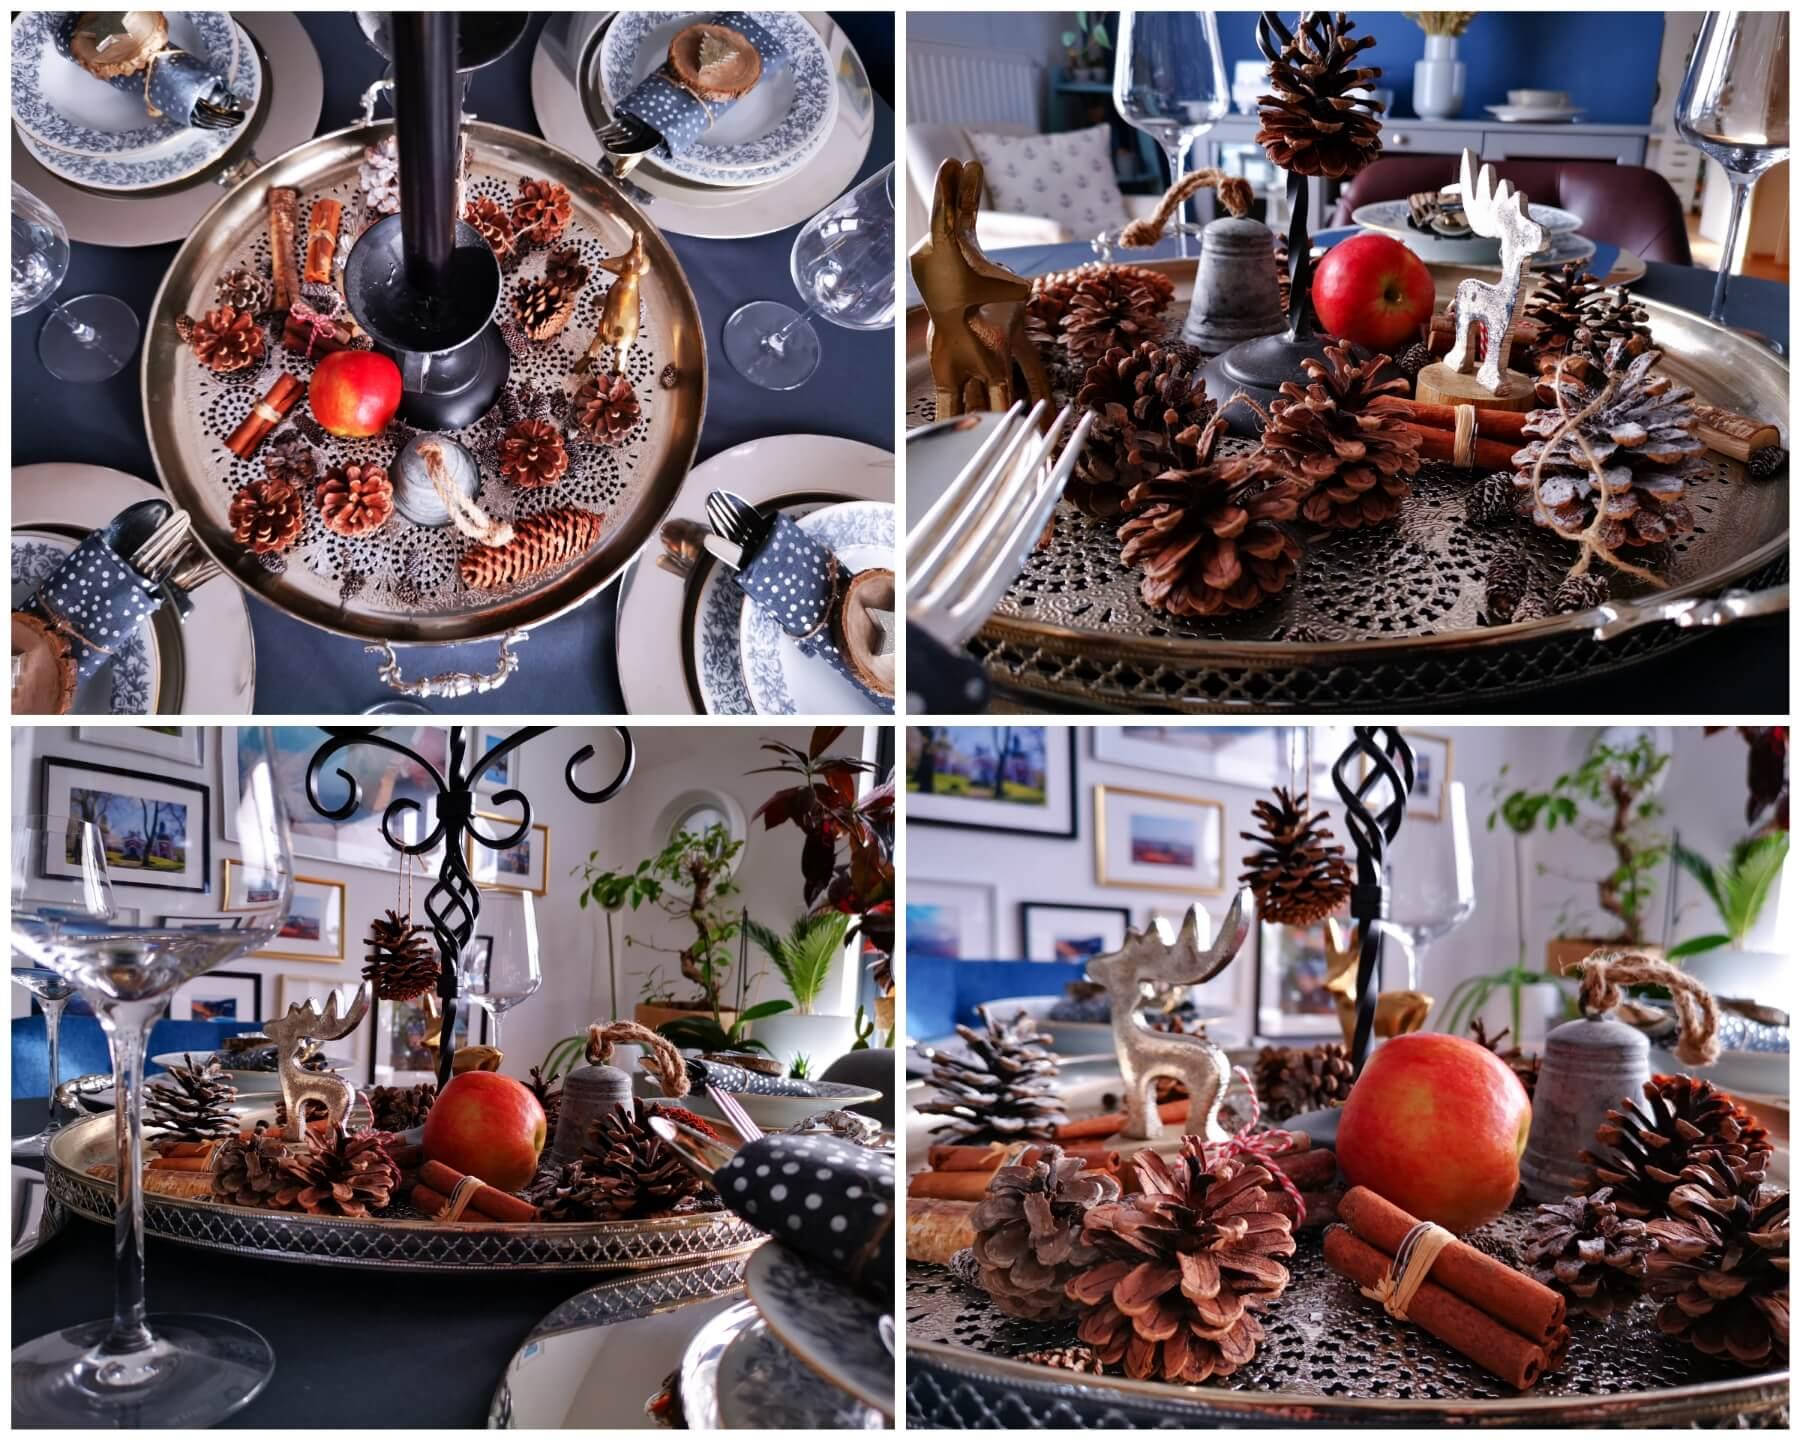 inCollage 20191201 202427181 resized 20191201 082732148 - Inšpirácia na krásne vyzdobený vianočný stôl